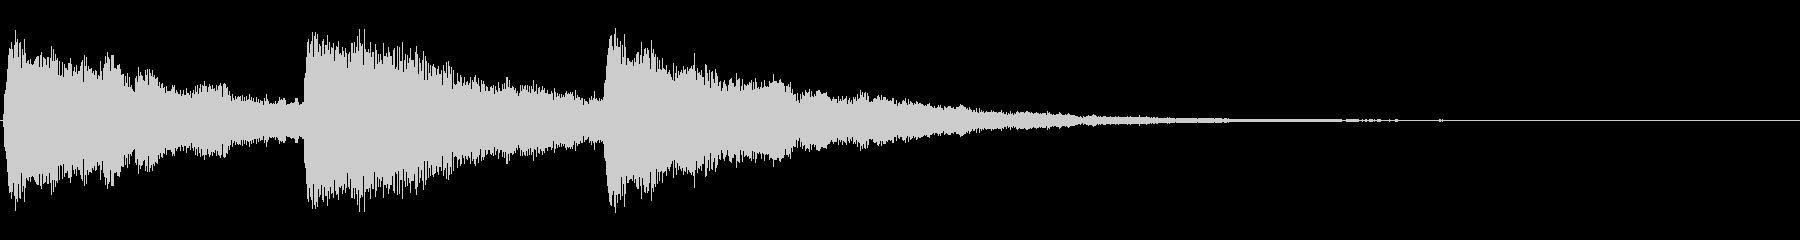 ピアノ お辞儀・礼の時の音3の未再生の波形